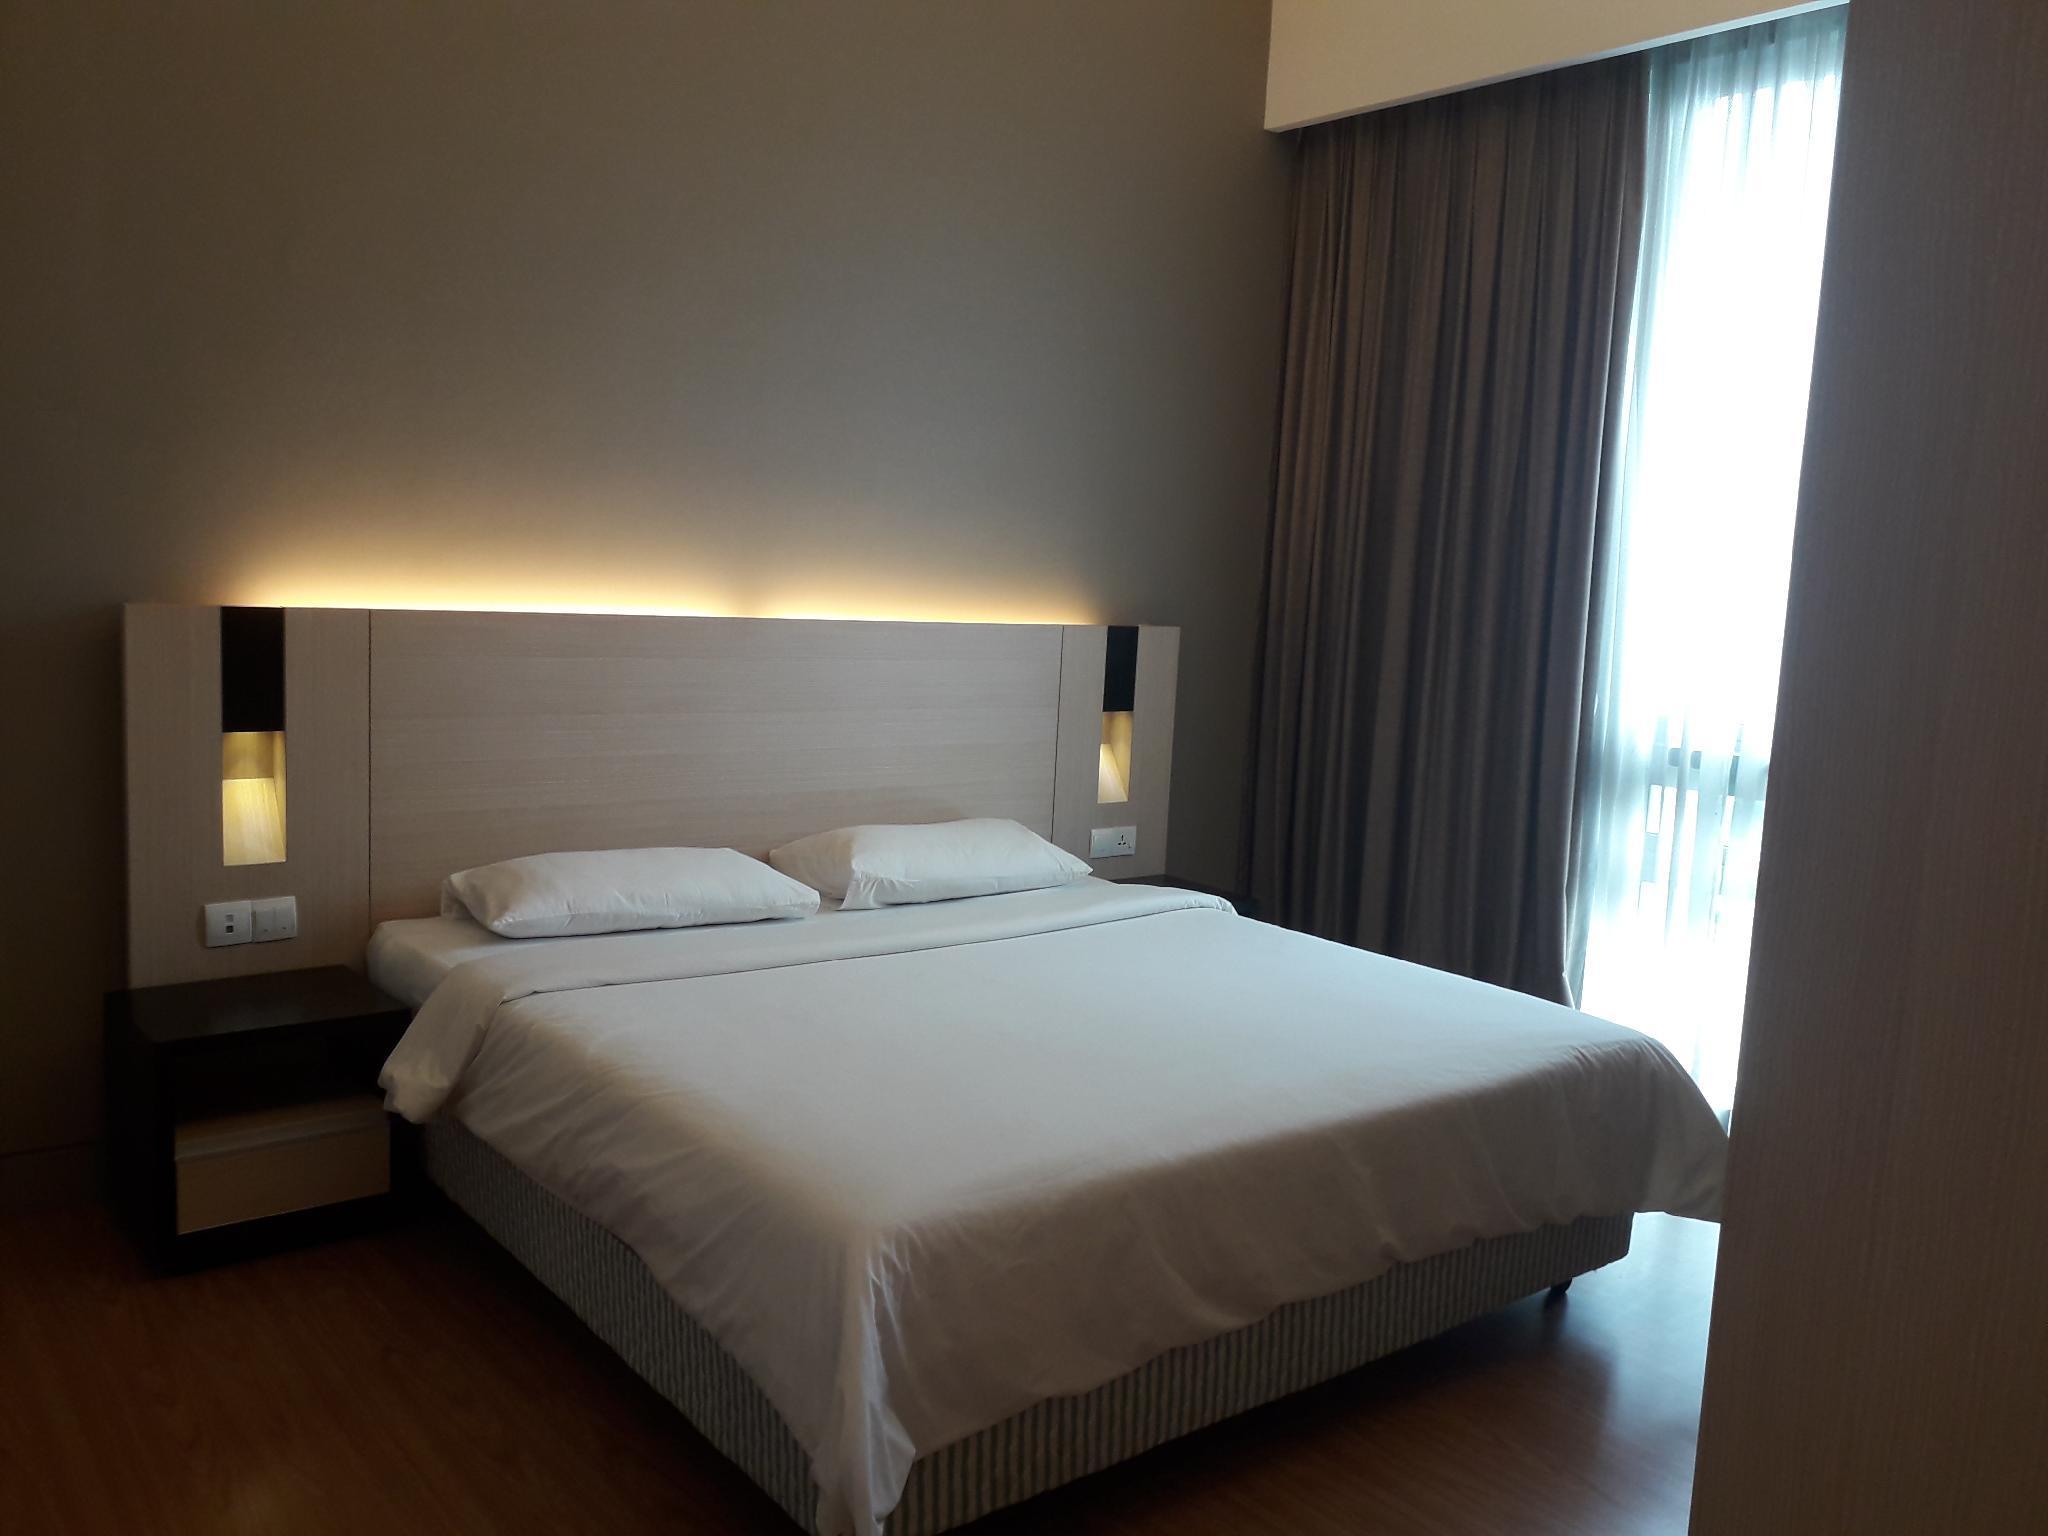 Pangsapuri 650 M2 Dengan 1 Bilik Tidur Dan Mandi Peribadi Di Bukit Bintang